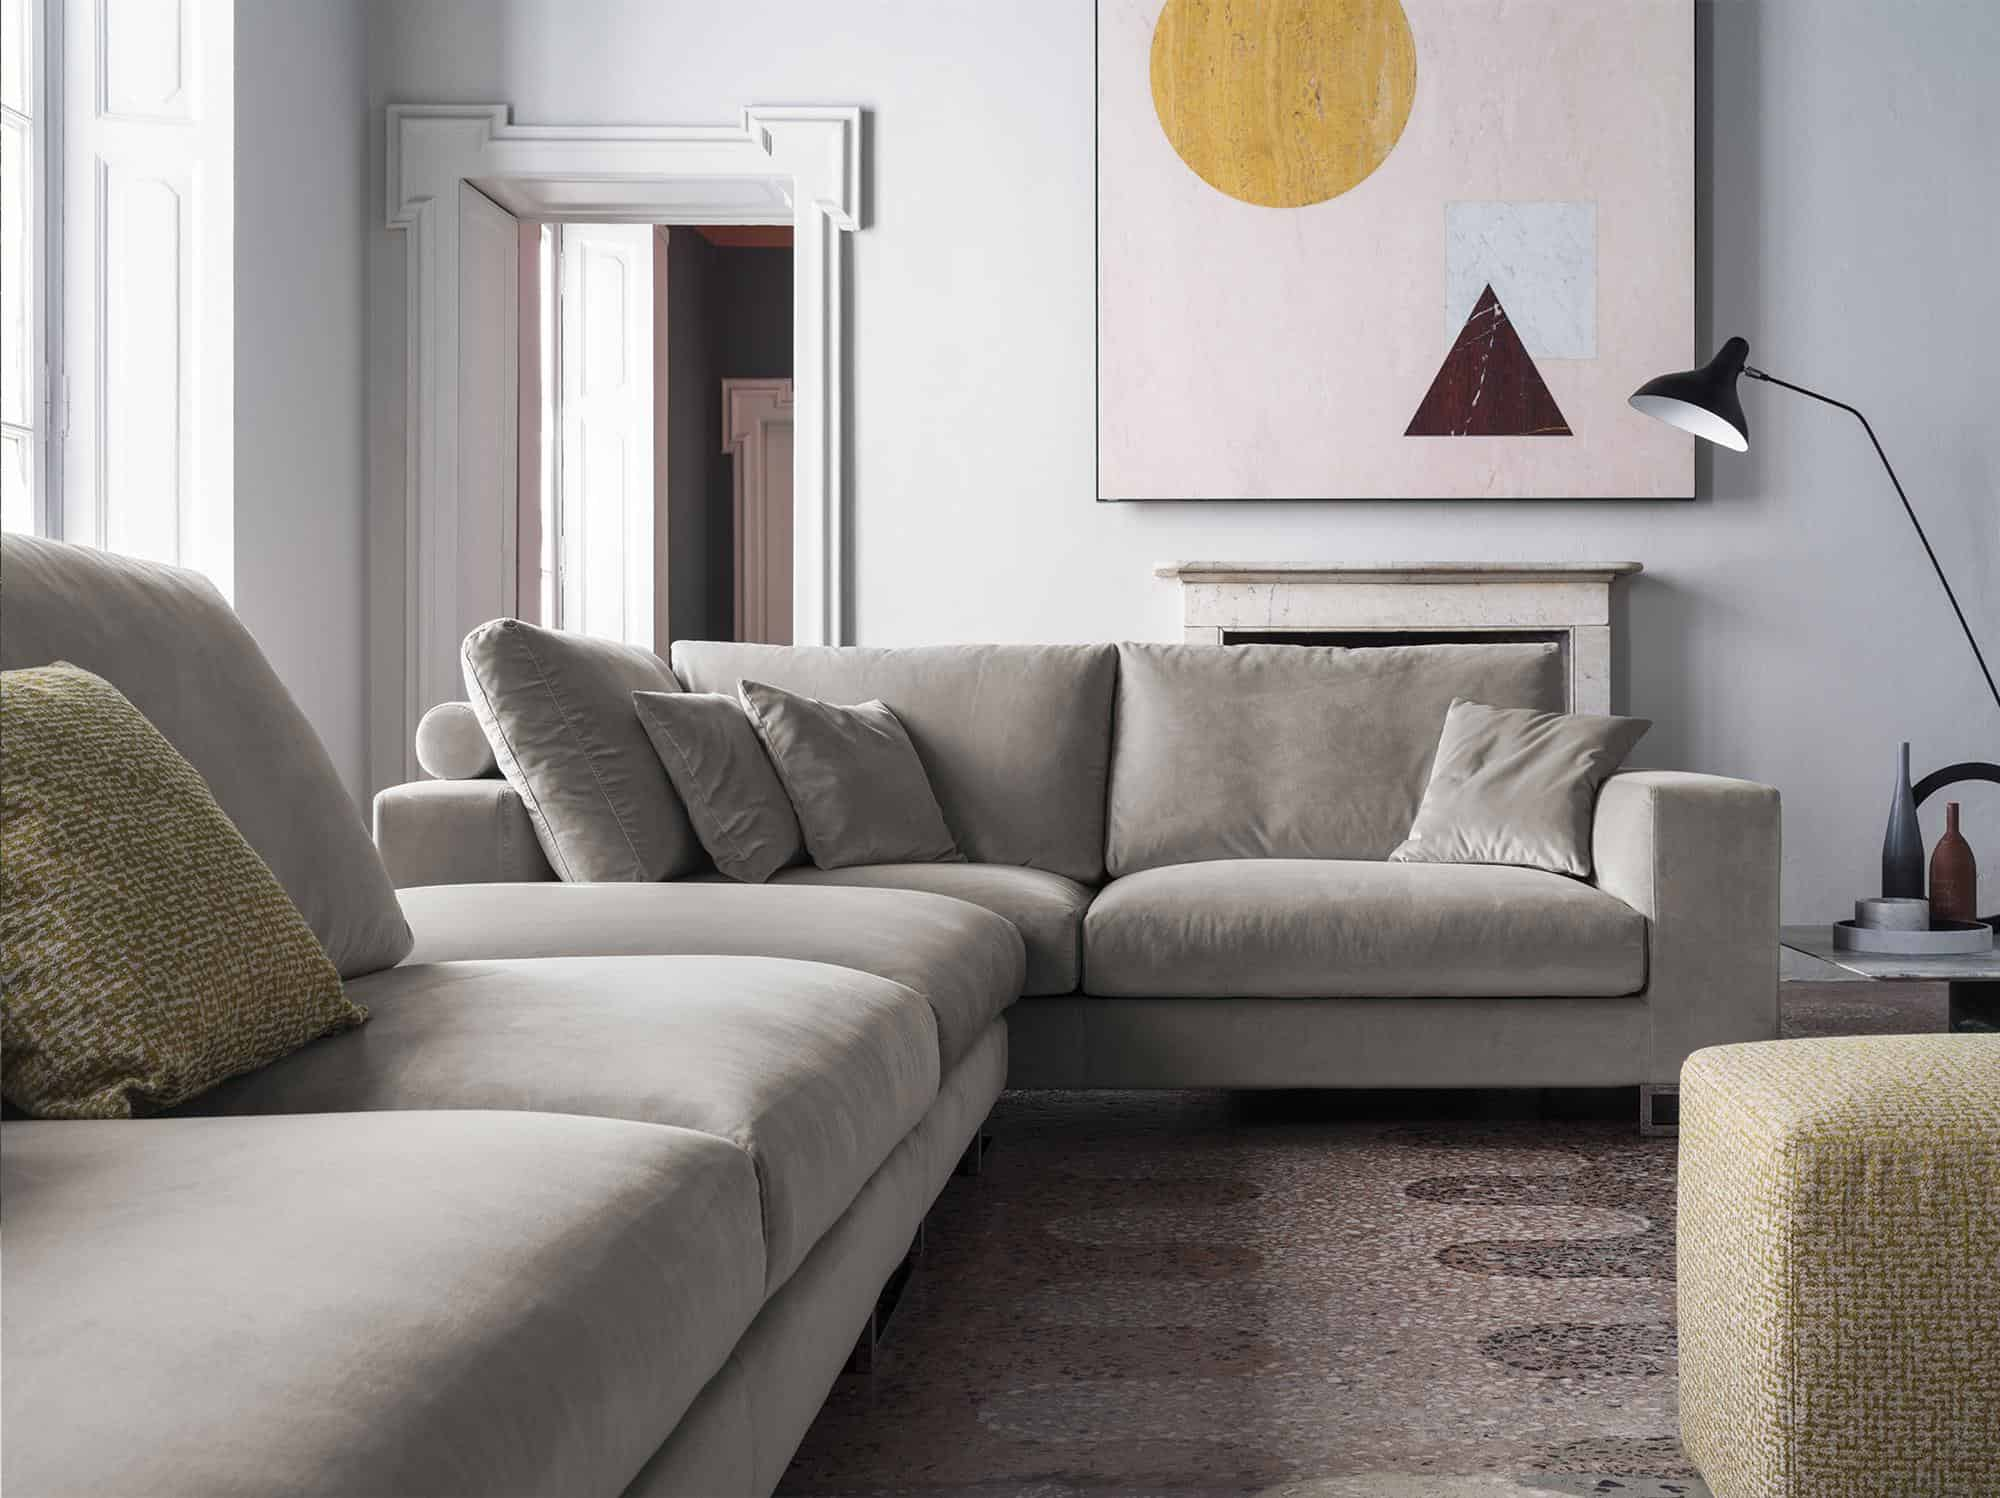 Adriano – Cuscini di ampie dimensioni ne distinguono il comfort. Numerosi elementi ne amplificano la varietà compositiva – Petalo Cenere